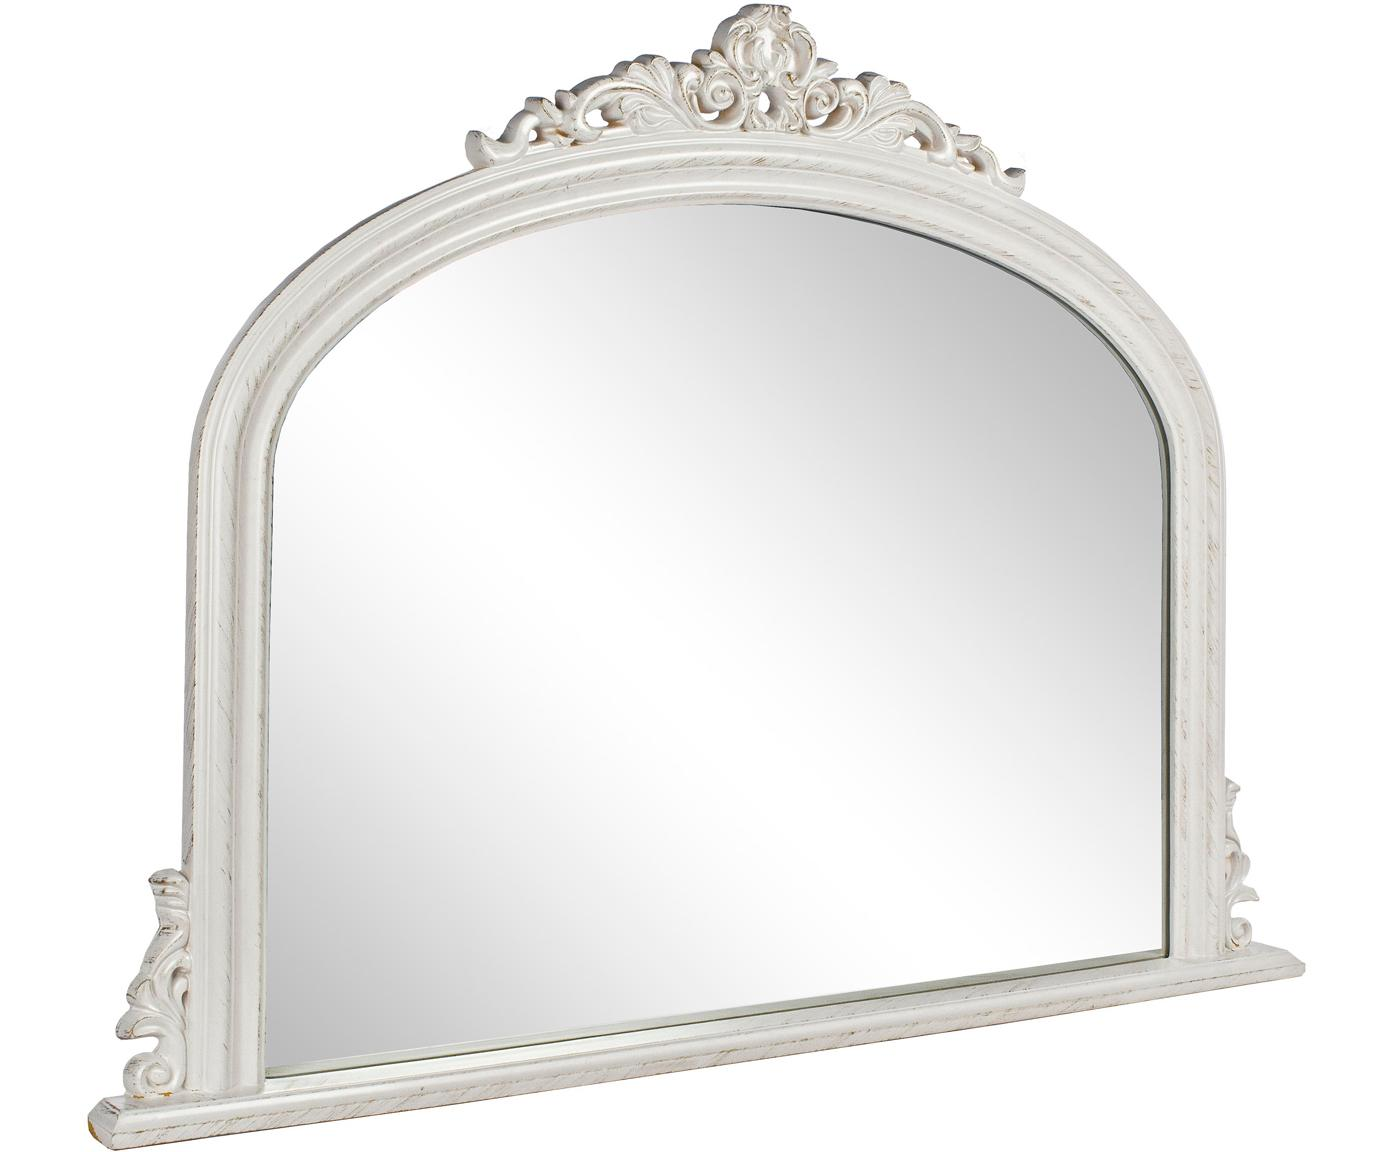 Specchio da parete Miro, Cornice: legno rivestito, Superficie dello specchio: lastra di vetro, Bianco, Larg. 120 x Alt. 90 cm